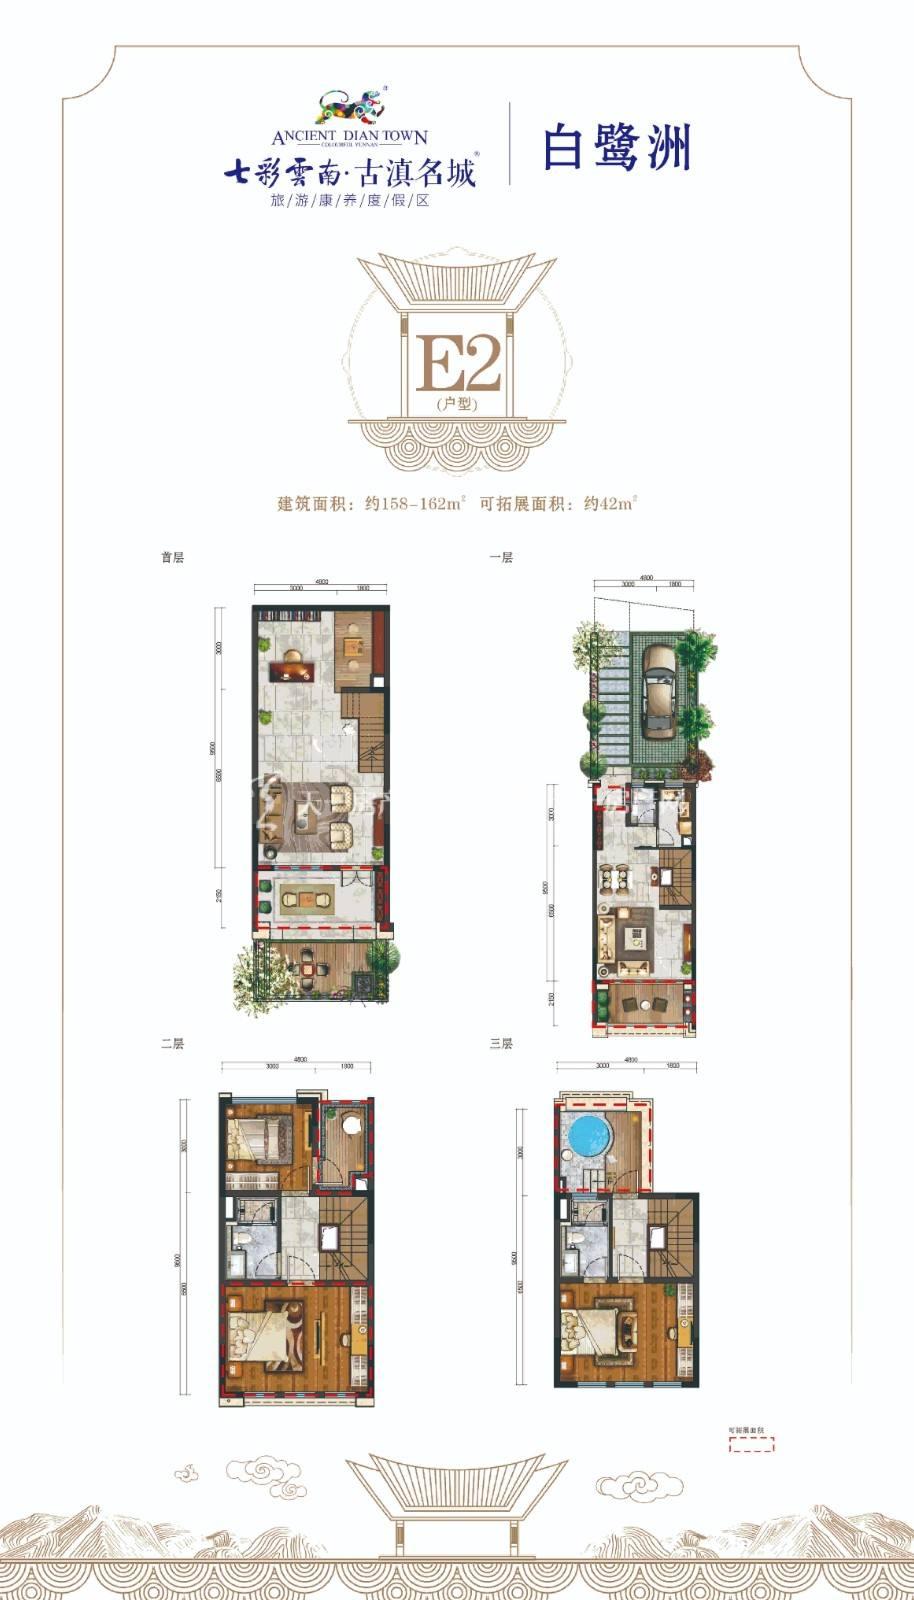 七彩云南古滇名城白鹭洲E2户型 建筑面积约158-162㎡